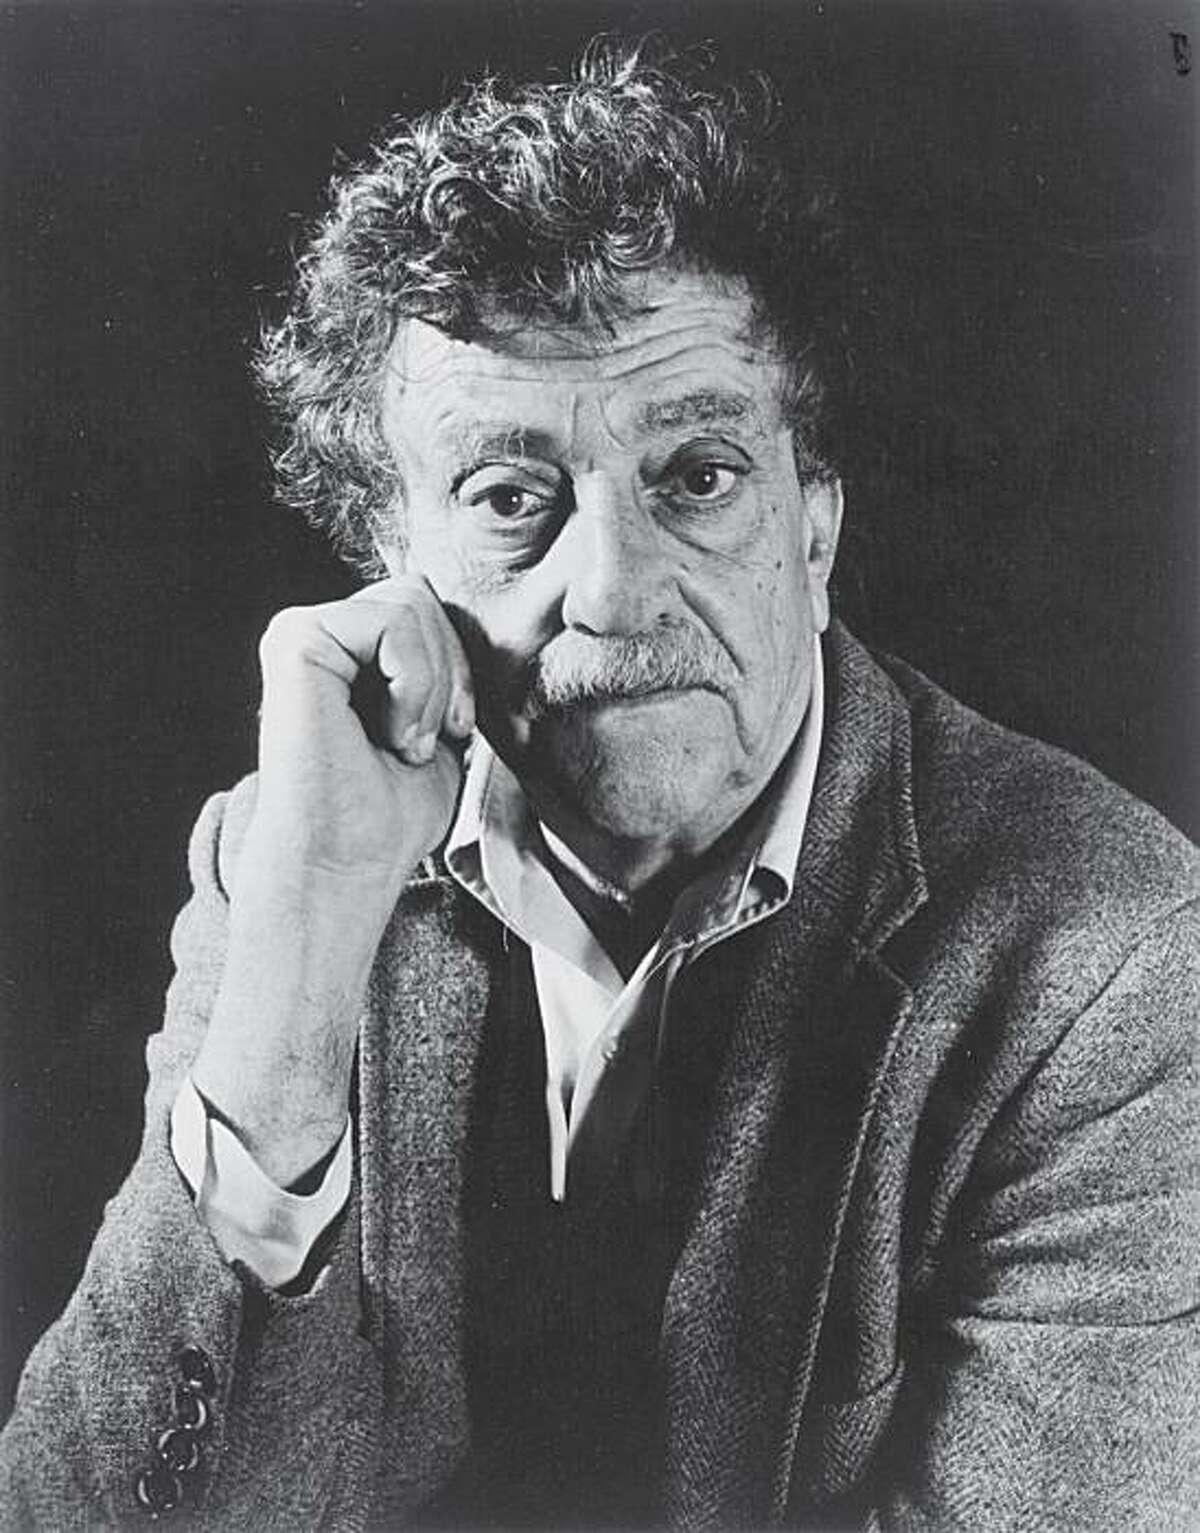 Kurt Vonnegut, famous author... newest book is titled